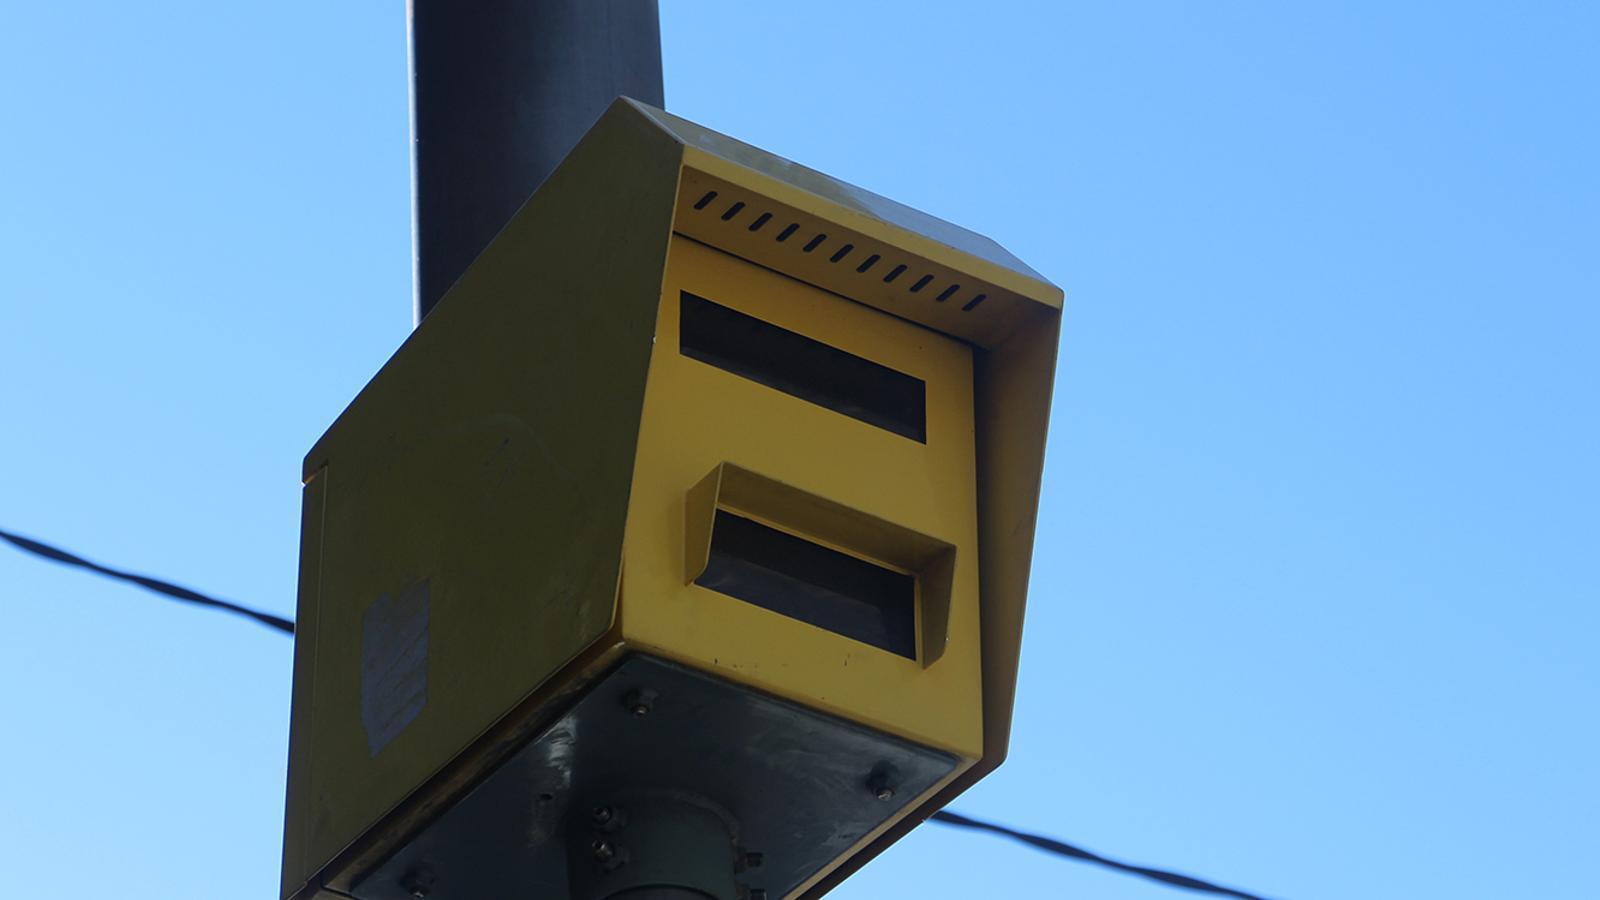 Un radar dels que hi ha instal·lats a la xarxa viària. / ARXIU ANA